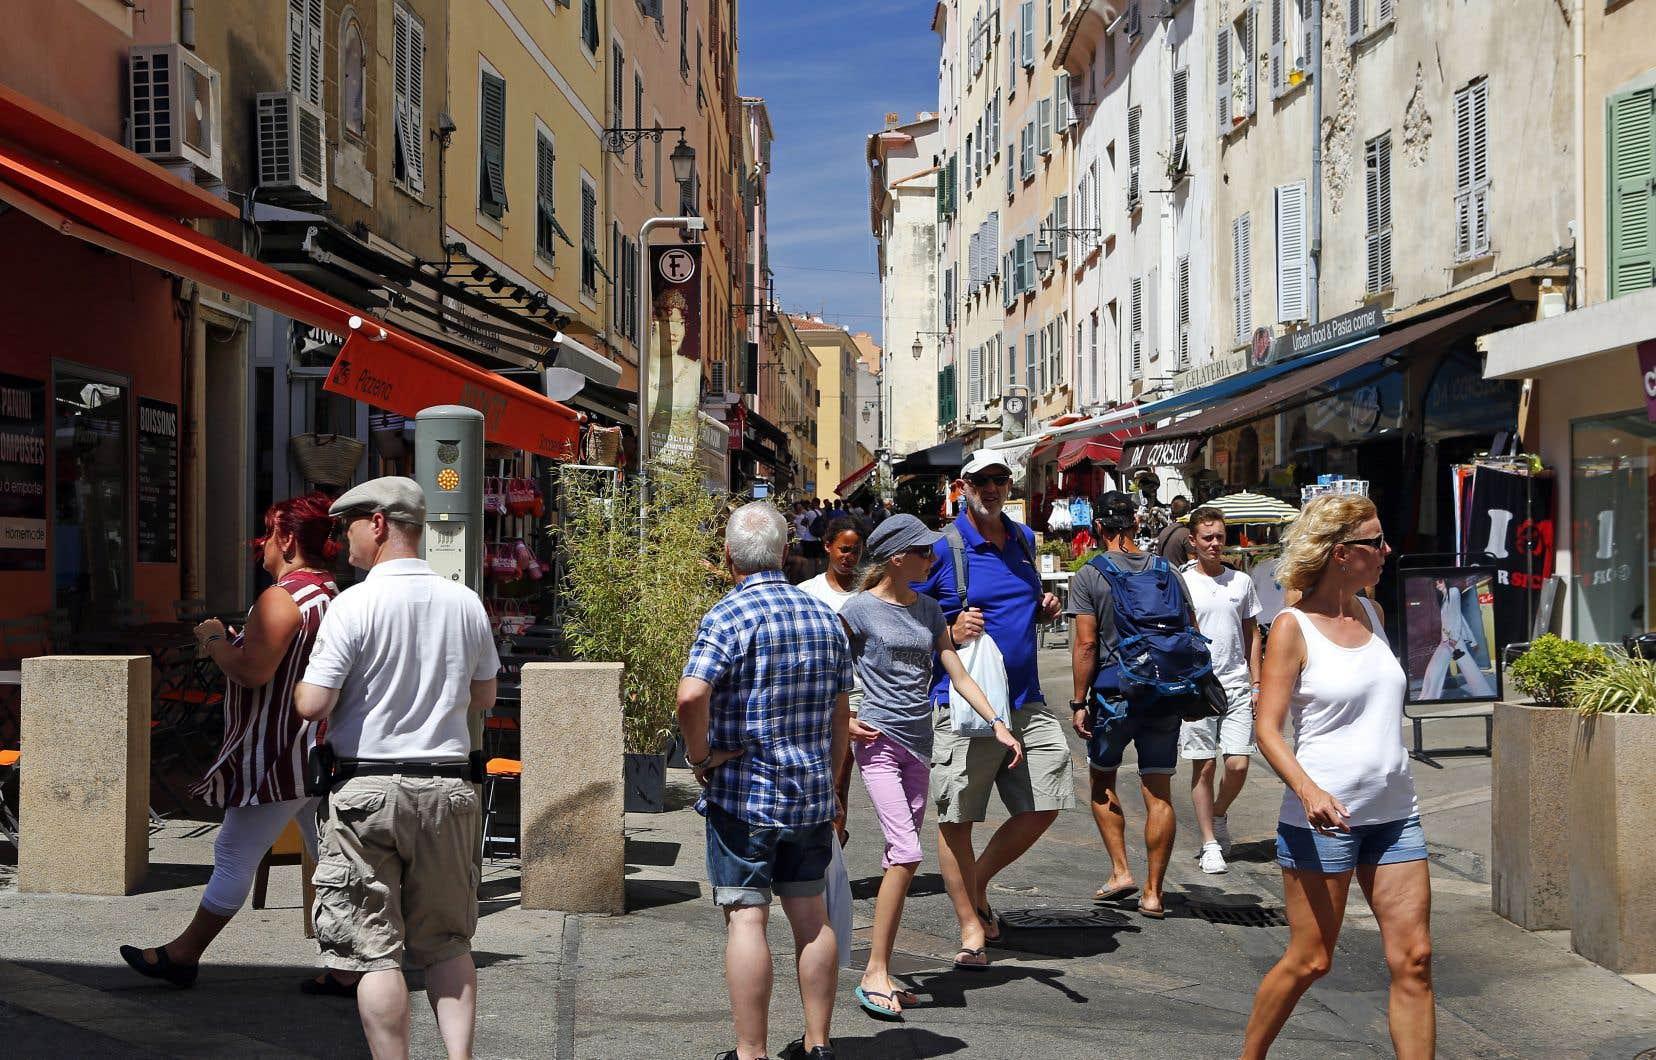 Des touristes marchant dans les rues d'Ajaccio le 27juillet 2017. Deux bateaux de croisière contenant au total quelque 5800 personnes avaient accosté au port de la ville dans la journée.